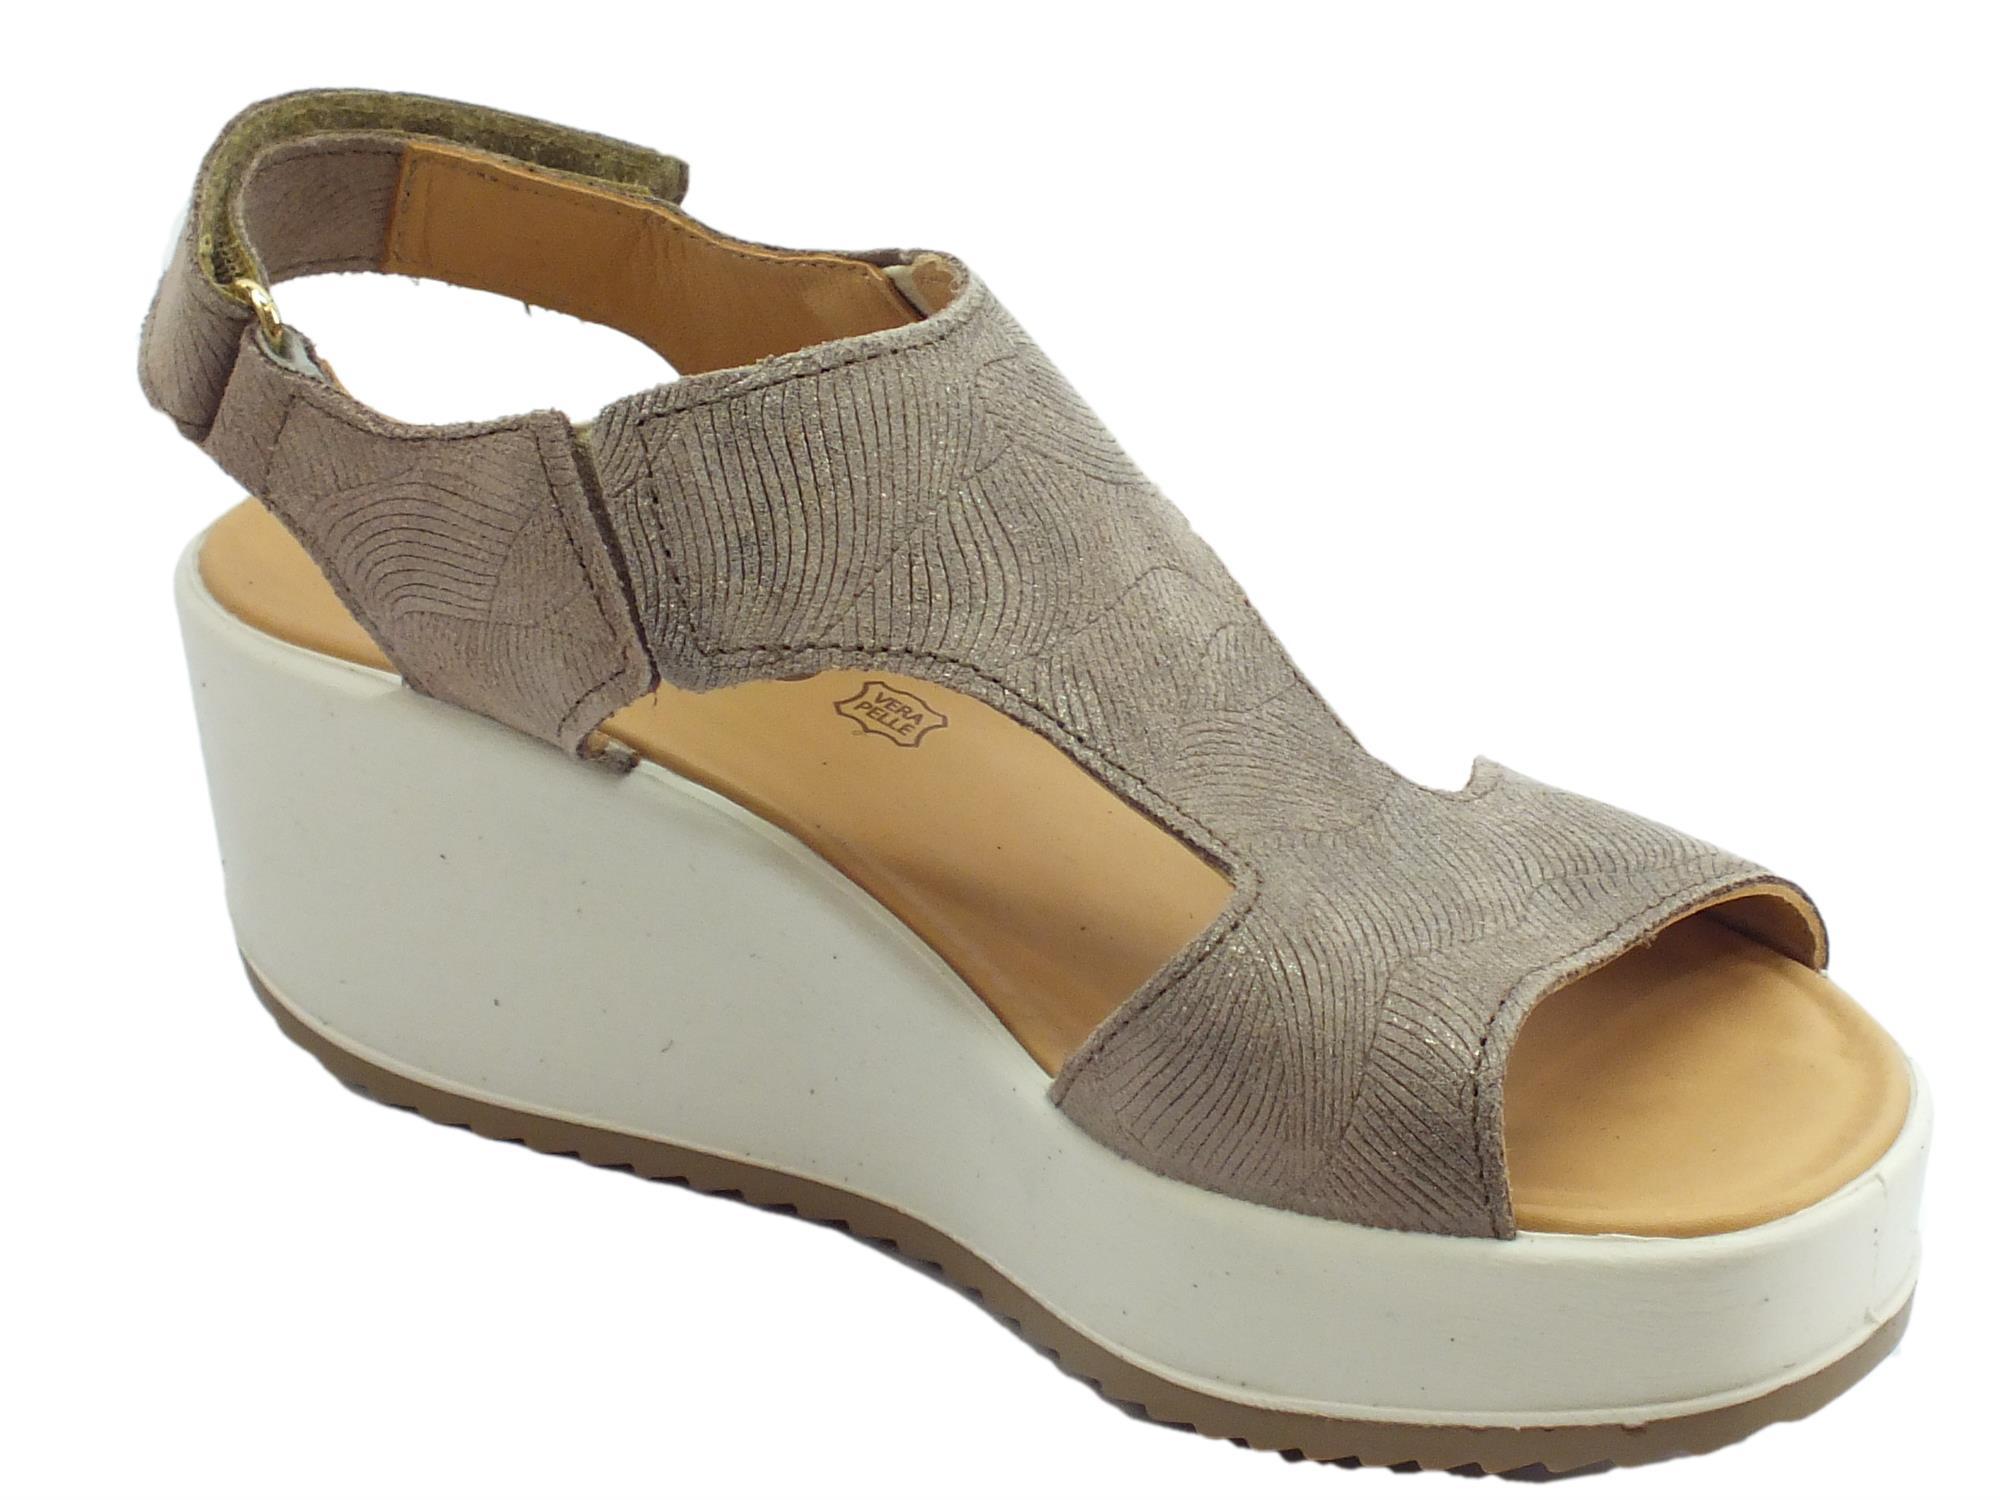 Sandali per donna Igi&Co in pelle scamosciata visone con lavorazione zebrata